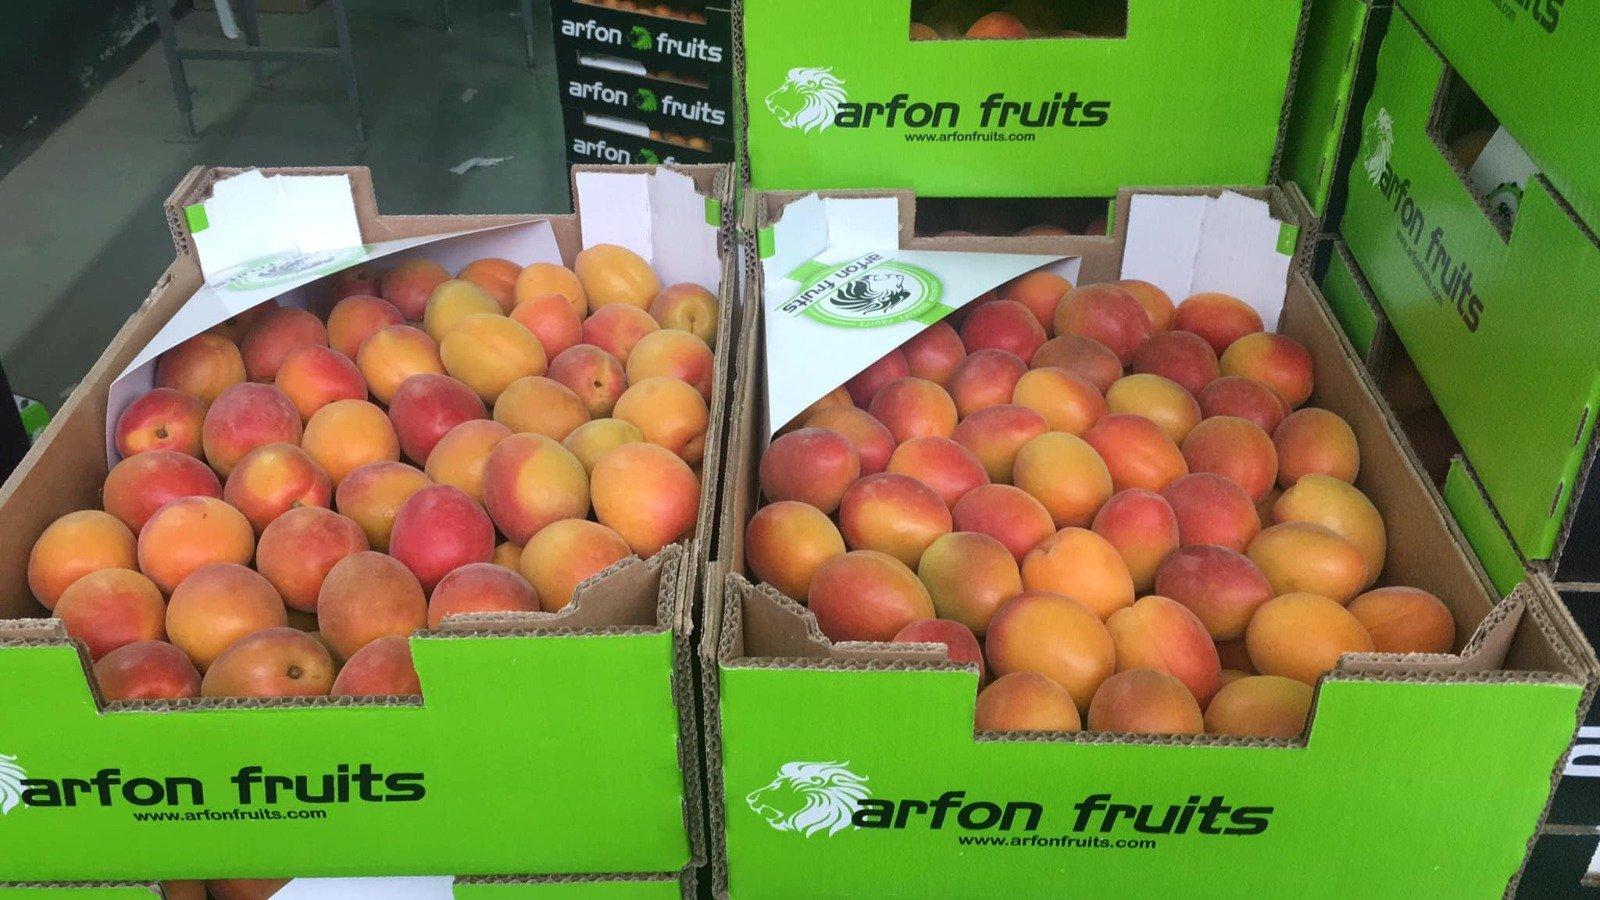 Cajas de frutas de la empresa Arfon Fruits